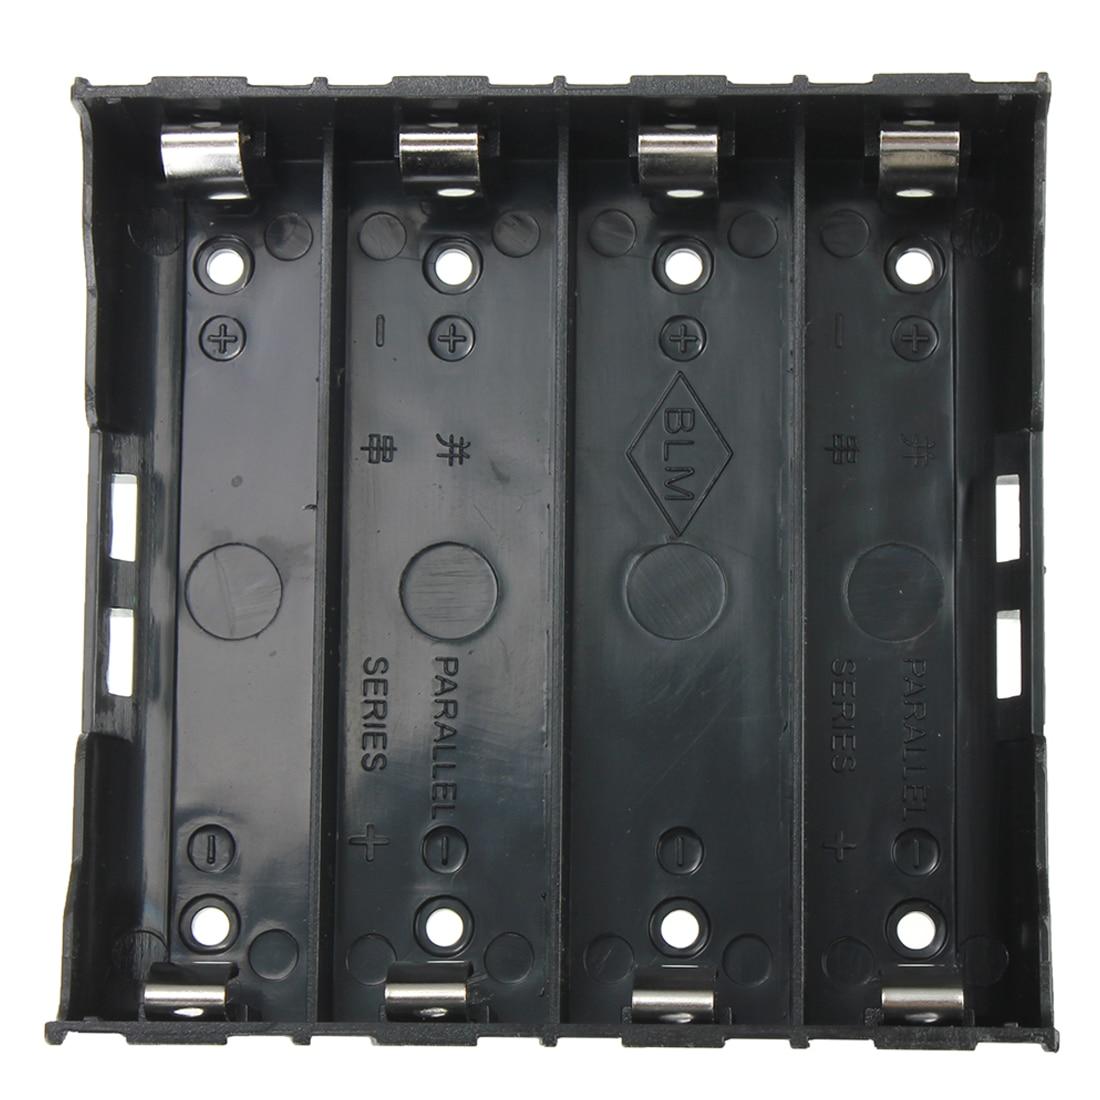 все цены на 10x Battery Holder Box Case Black for 4x 13.7V 18650 Battery